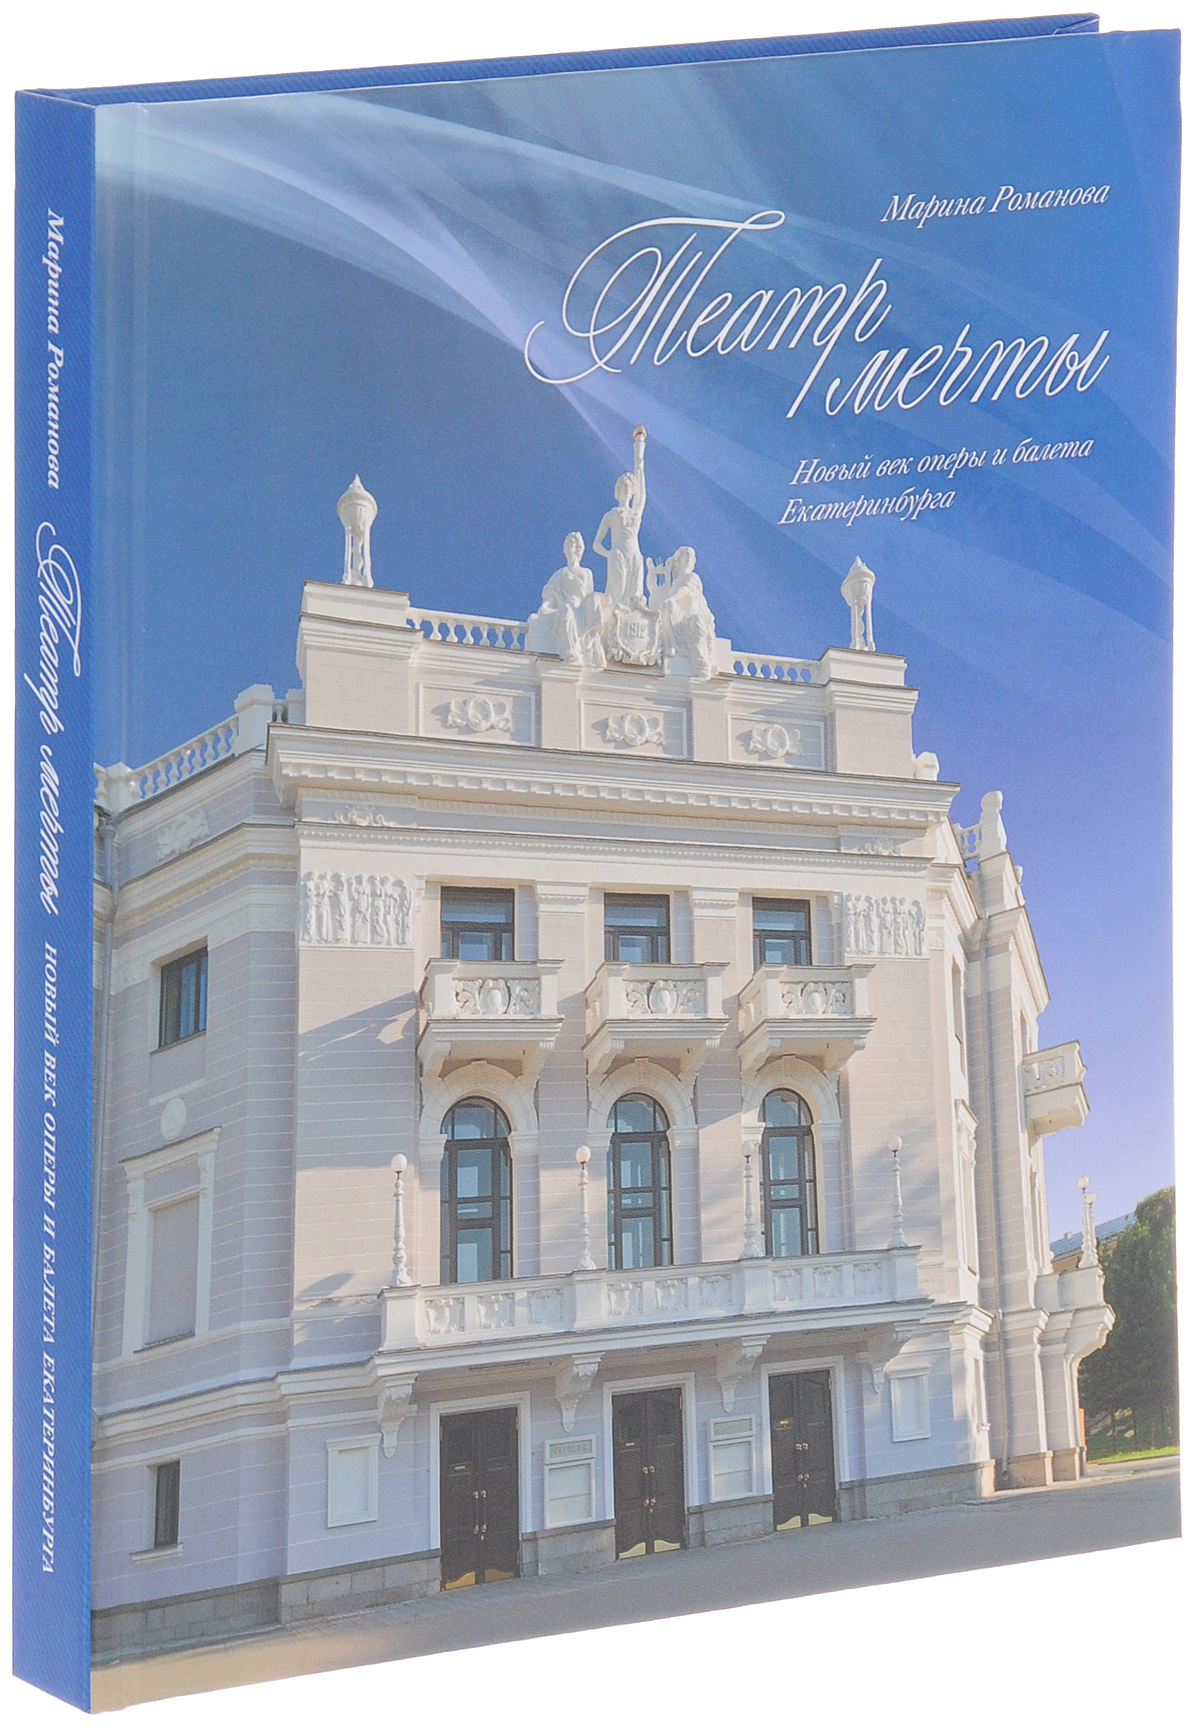 Марина Романова Театр мечты. Новый век оперы и балета Екатеринбурга